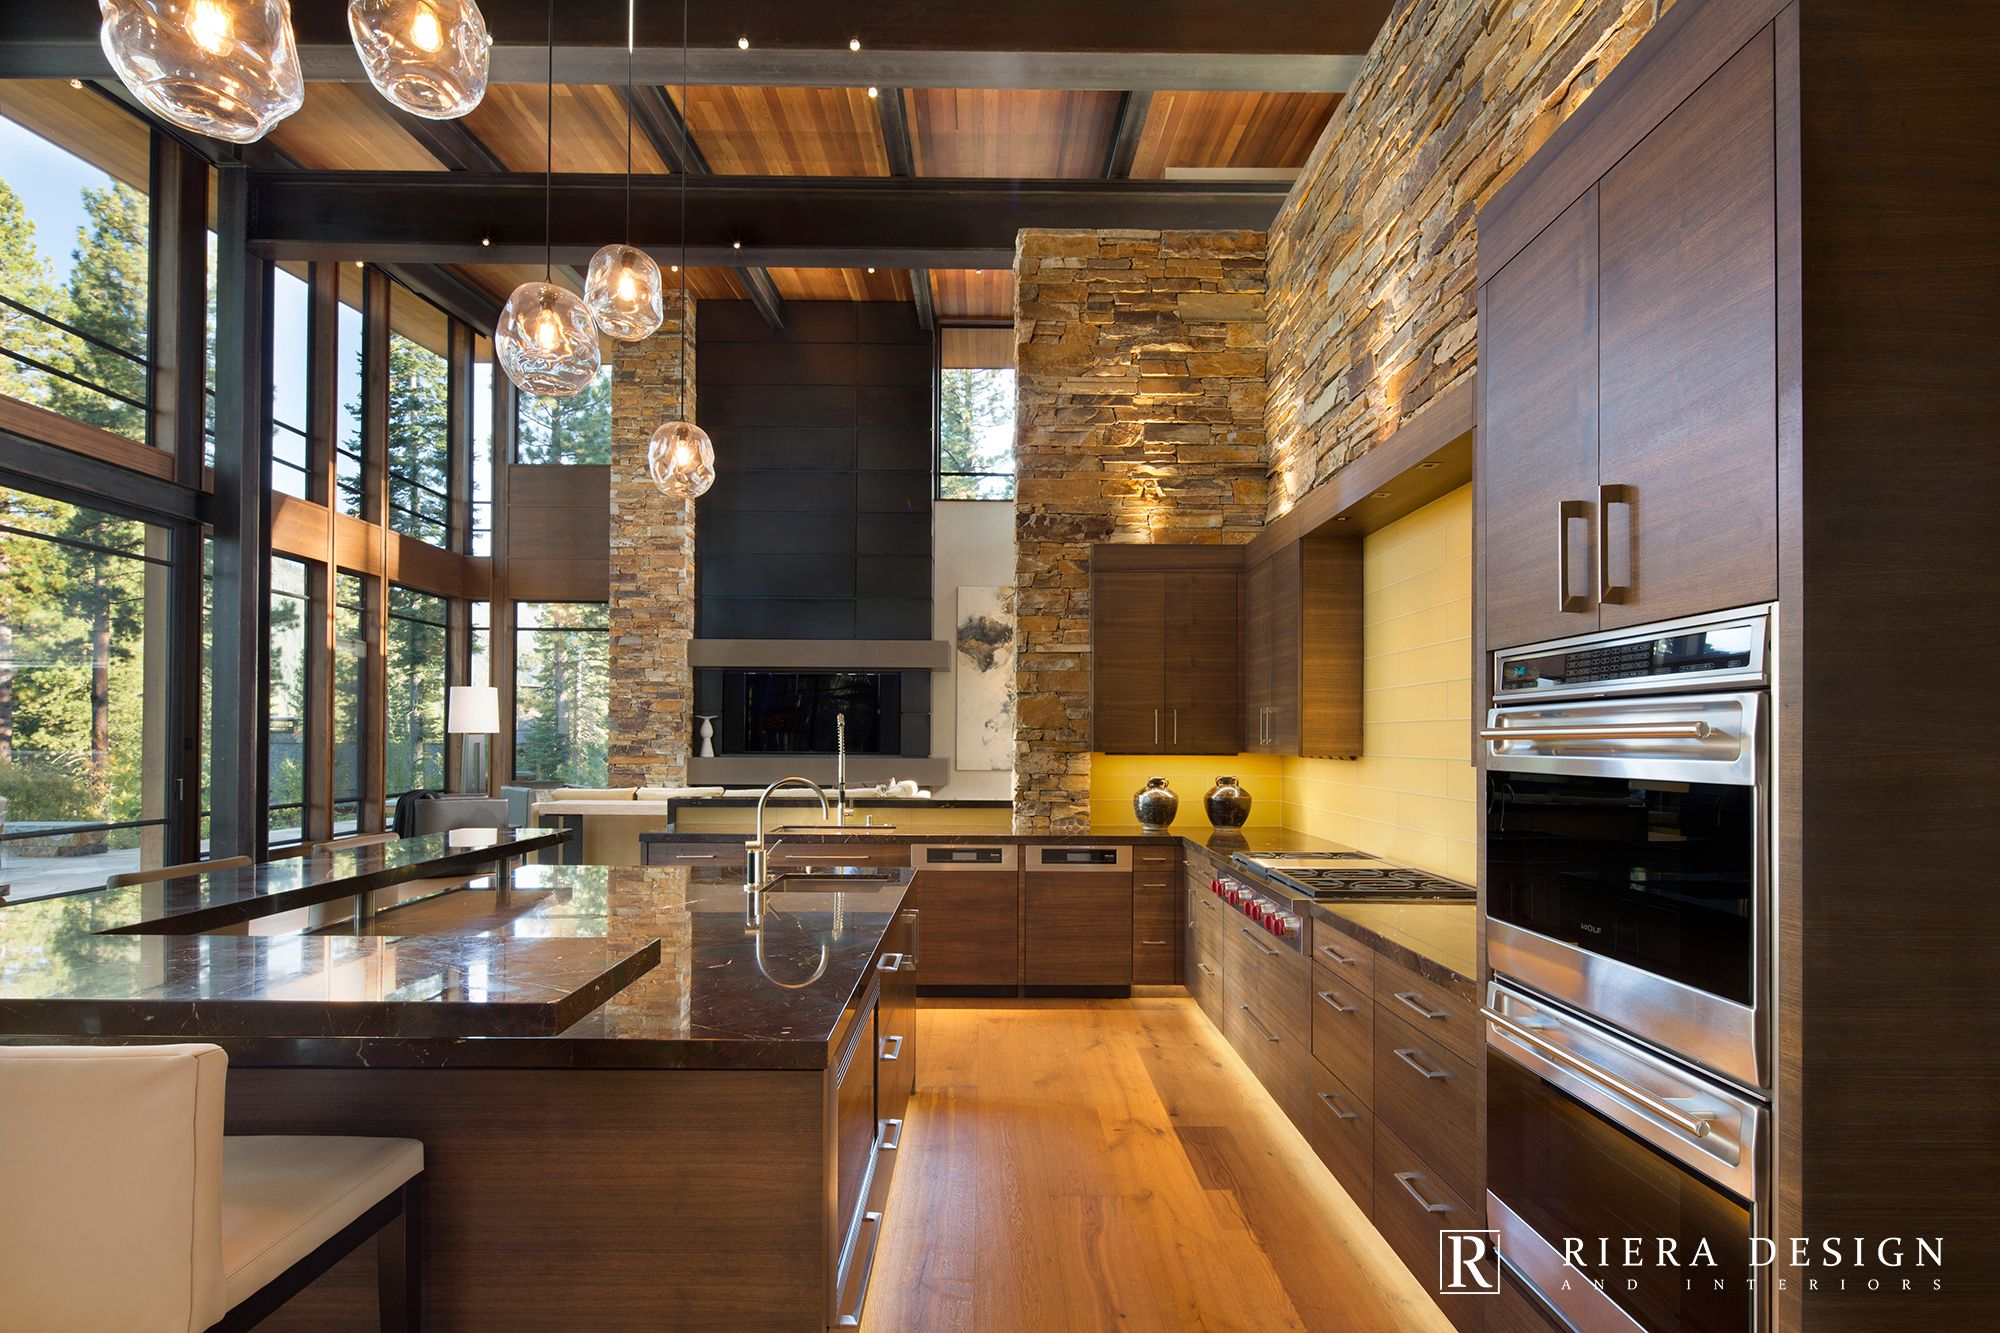 Lake tahoe martis camp mountain modern interior design - Decoraciones de casas modernas ...